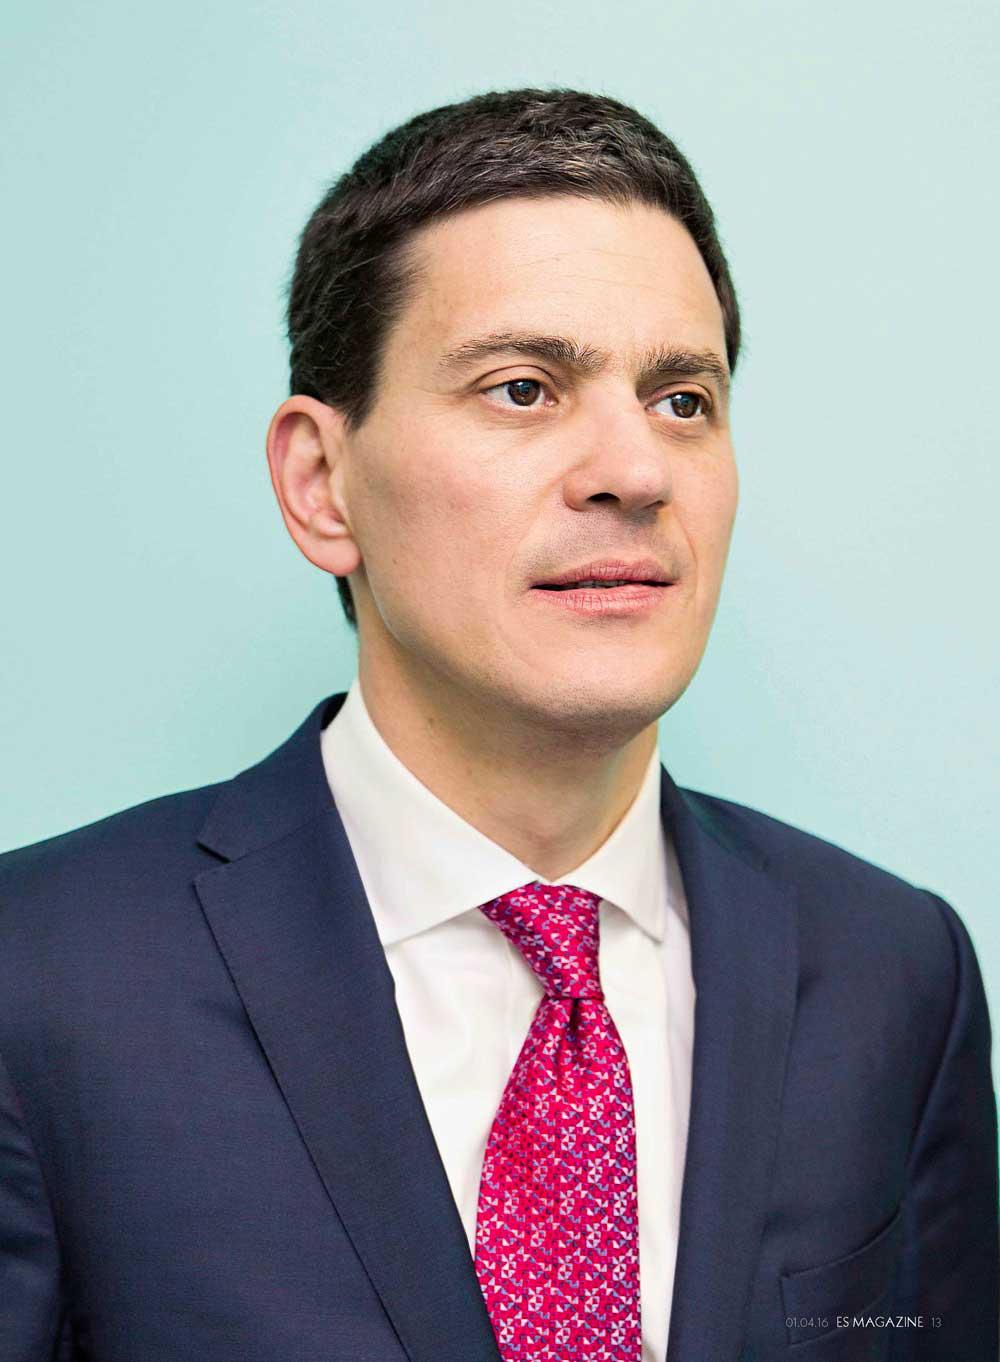 Miliband-2.jpg